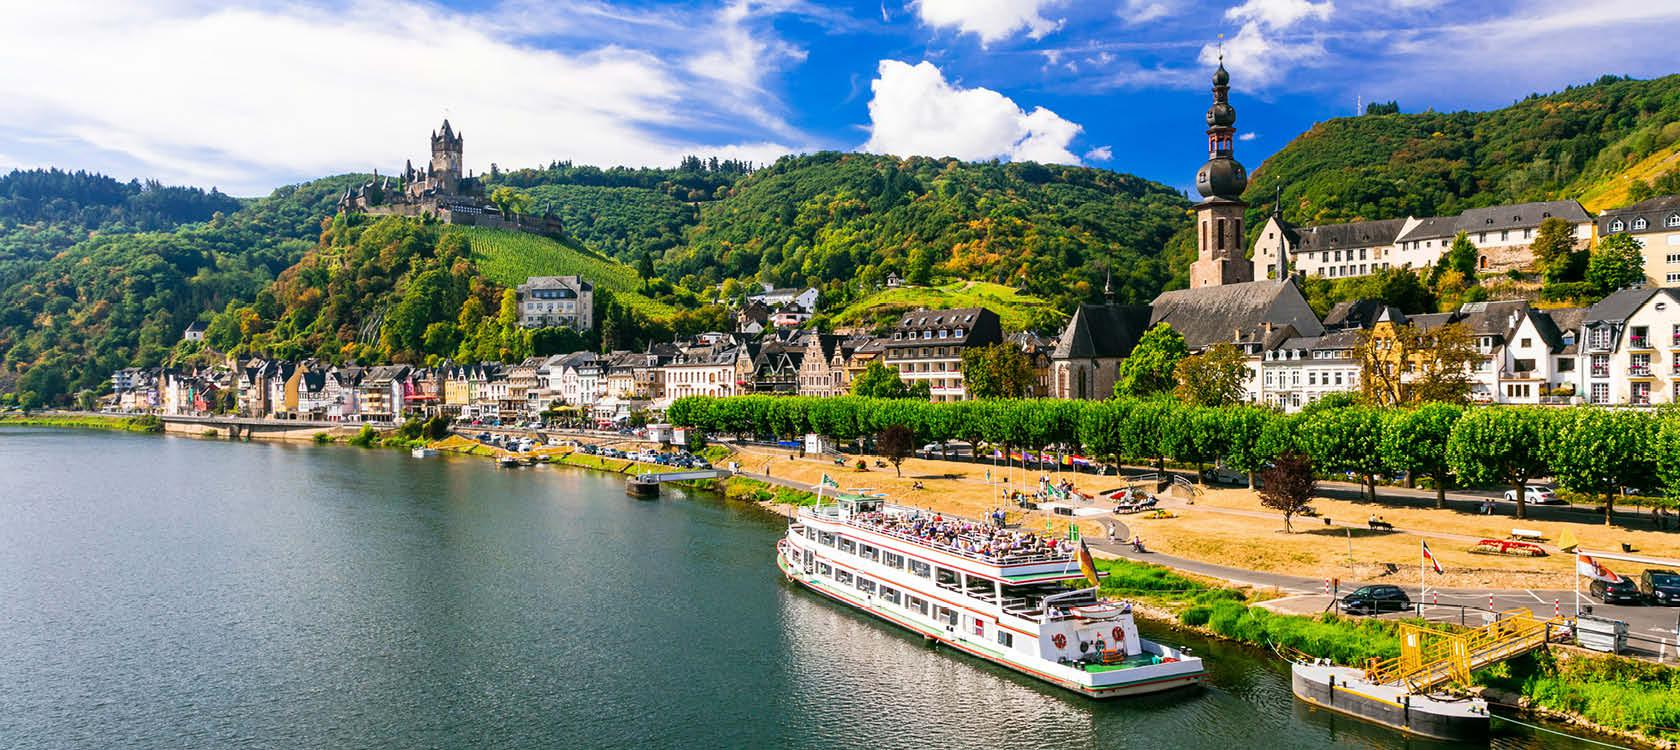 Sejl med på Rhinen